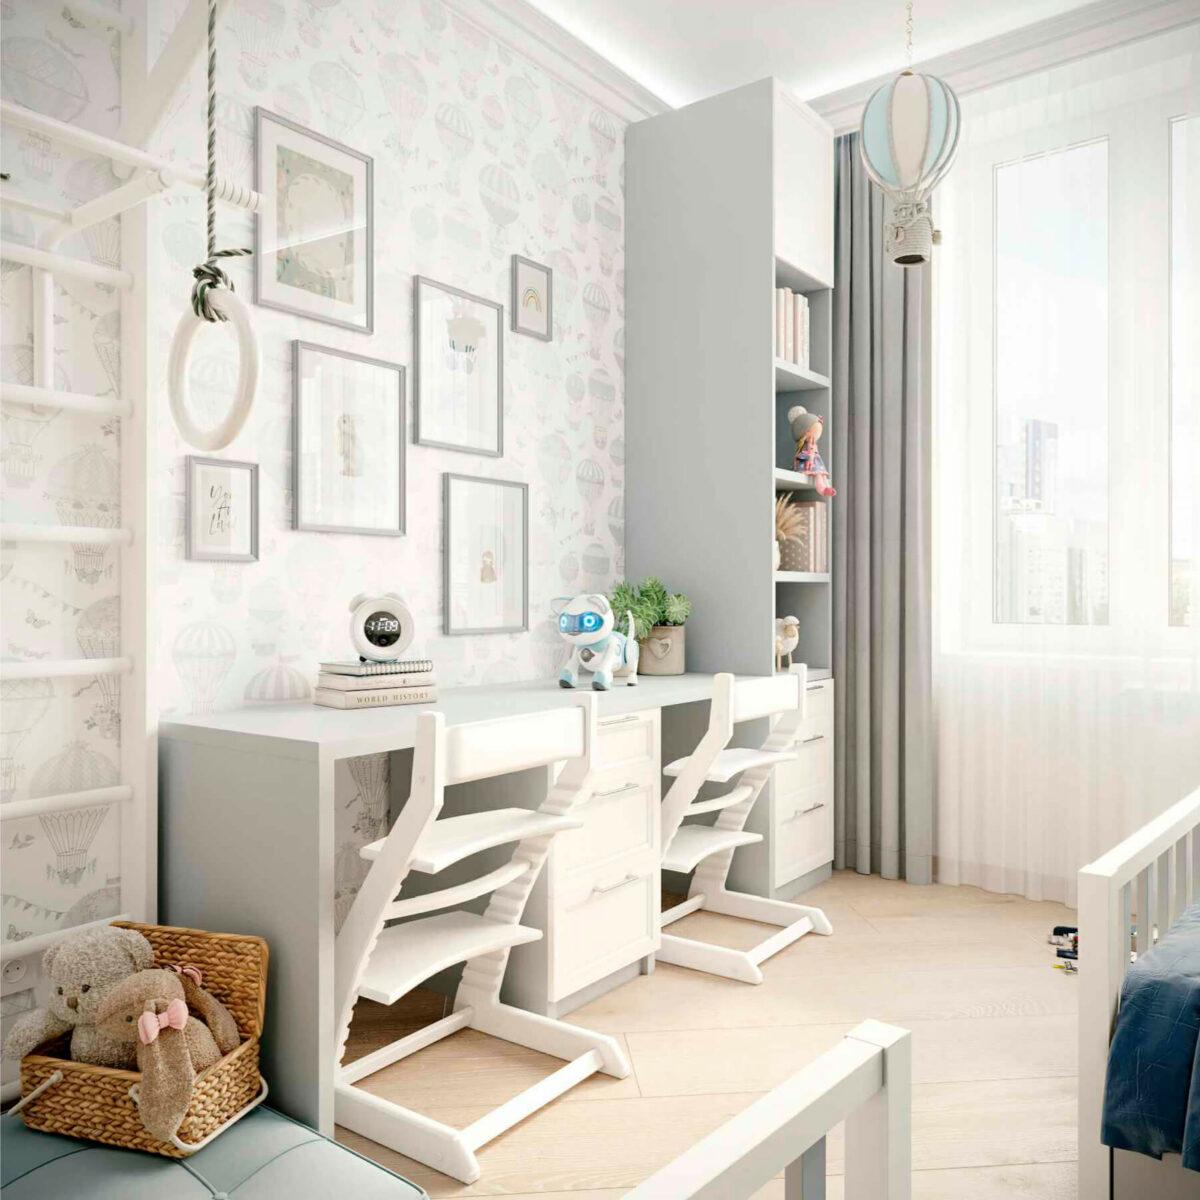 Мебель детской комнаты 2 мальчиков проект 5063-3